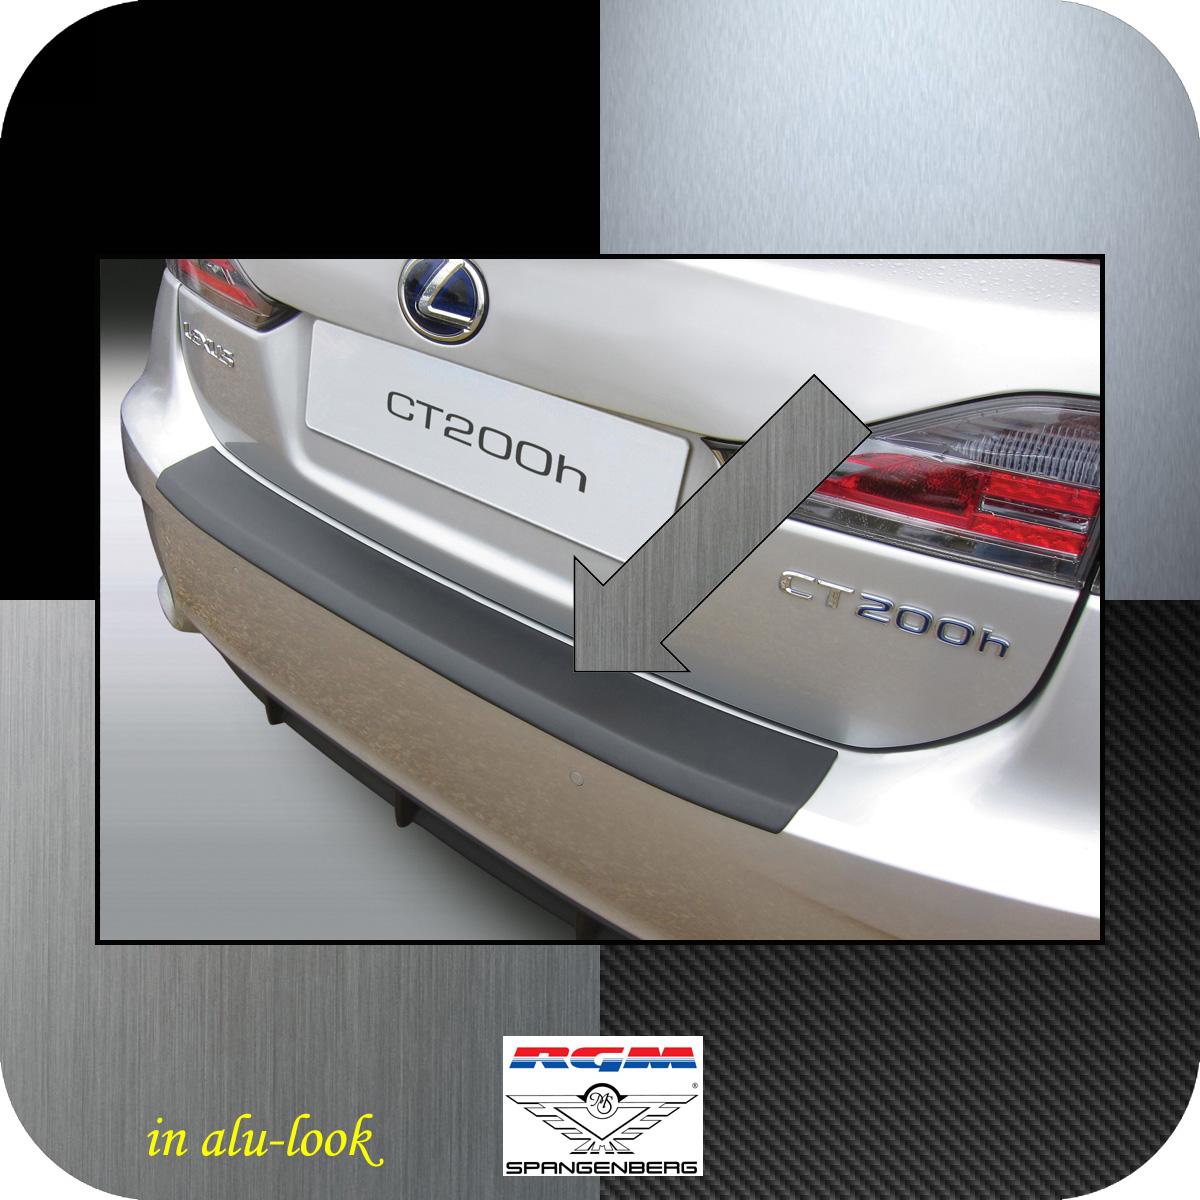 Ladekantenschutz Alu-Look Lexus CT 200h 5-Türer ab facelift 2014- 3504728